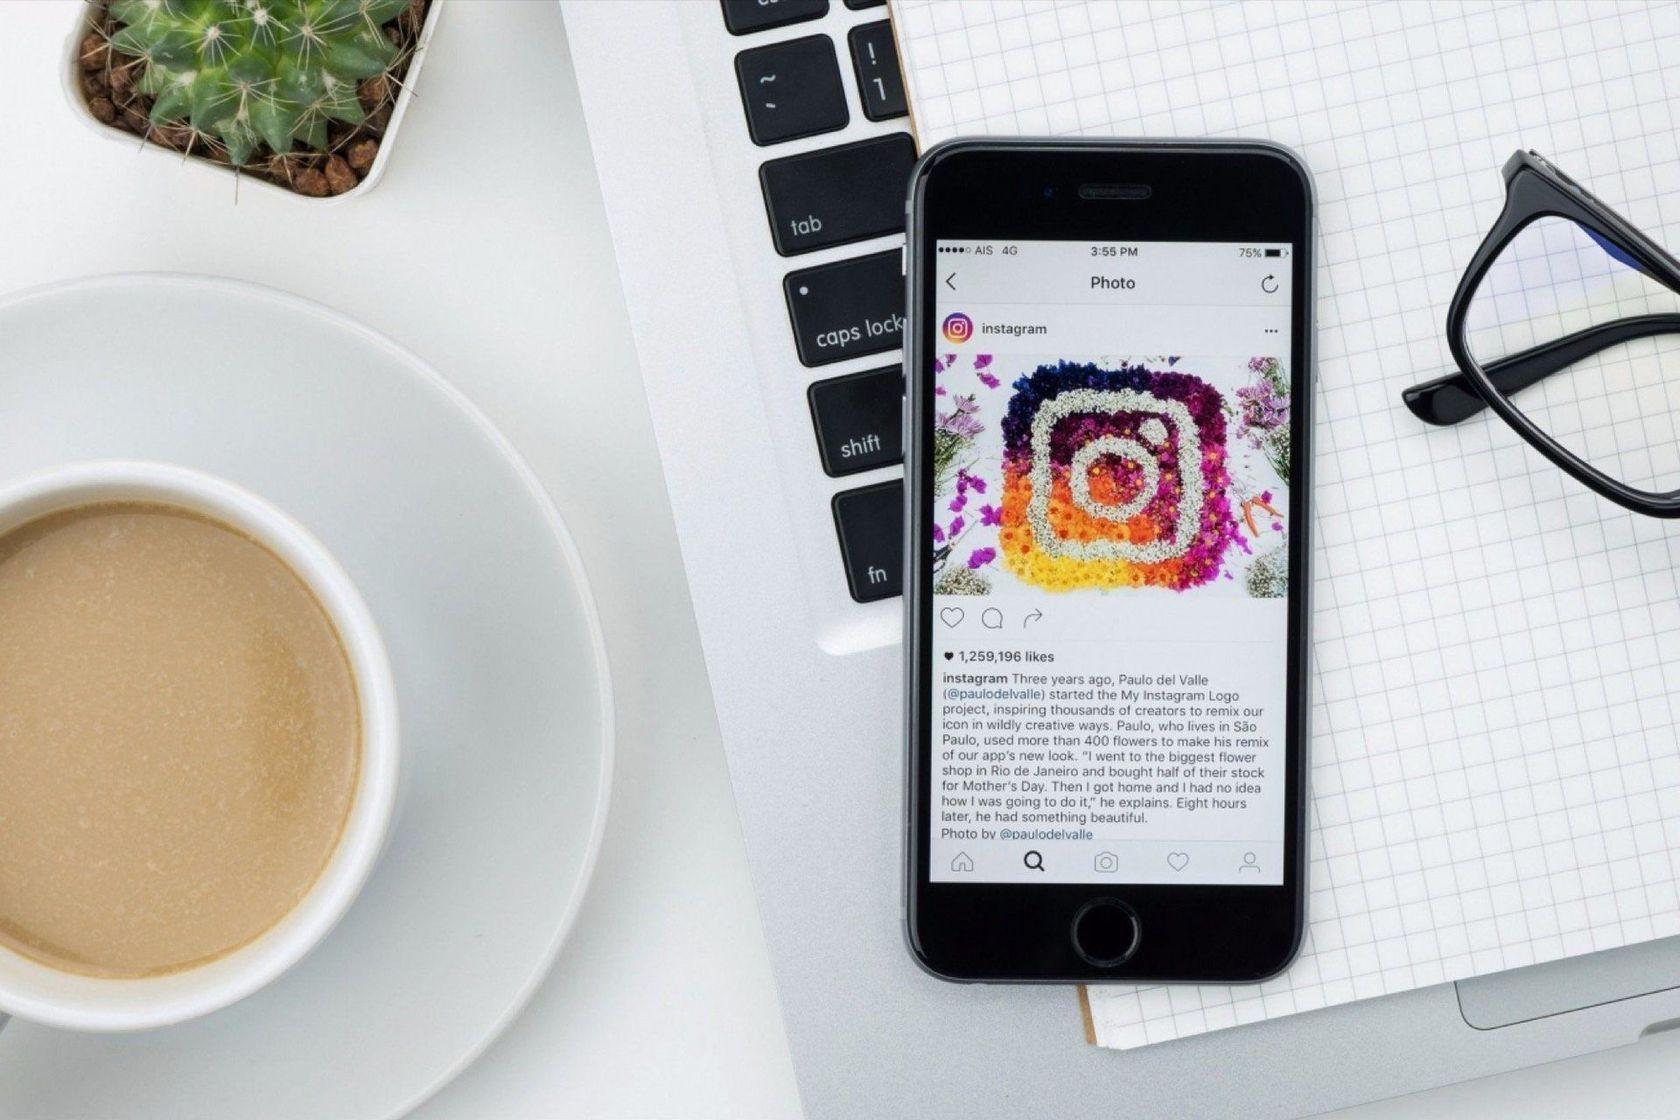 Инстаграм, его особенности и возможности